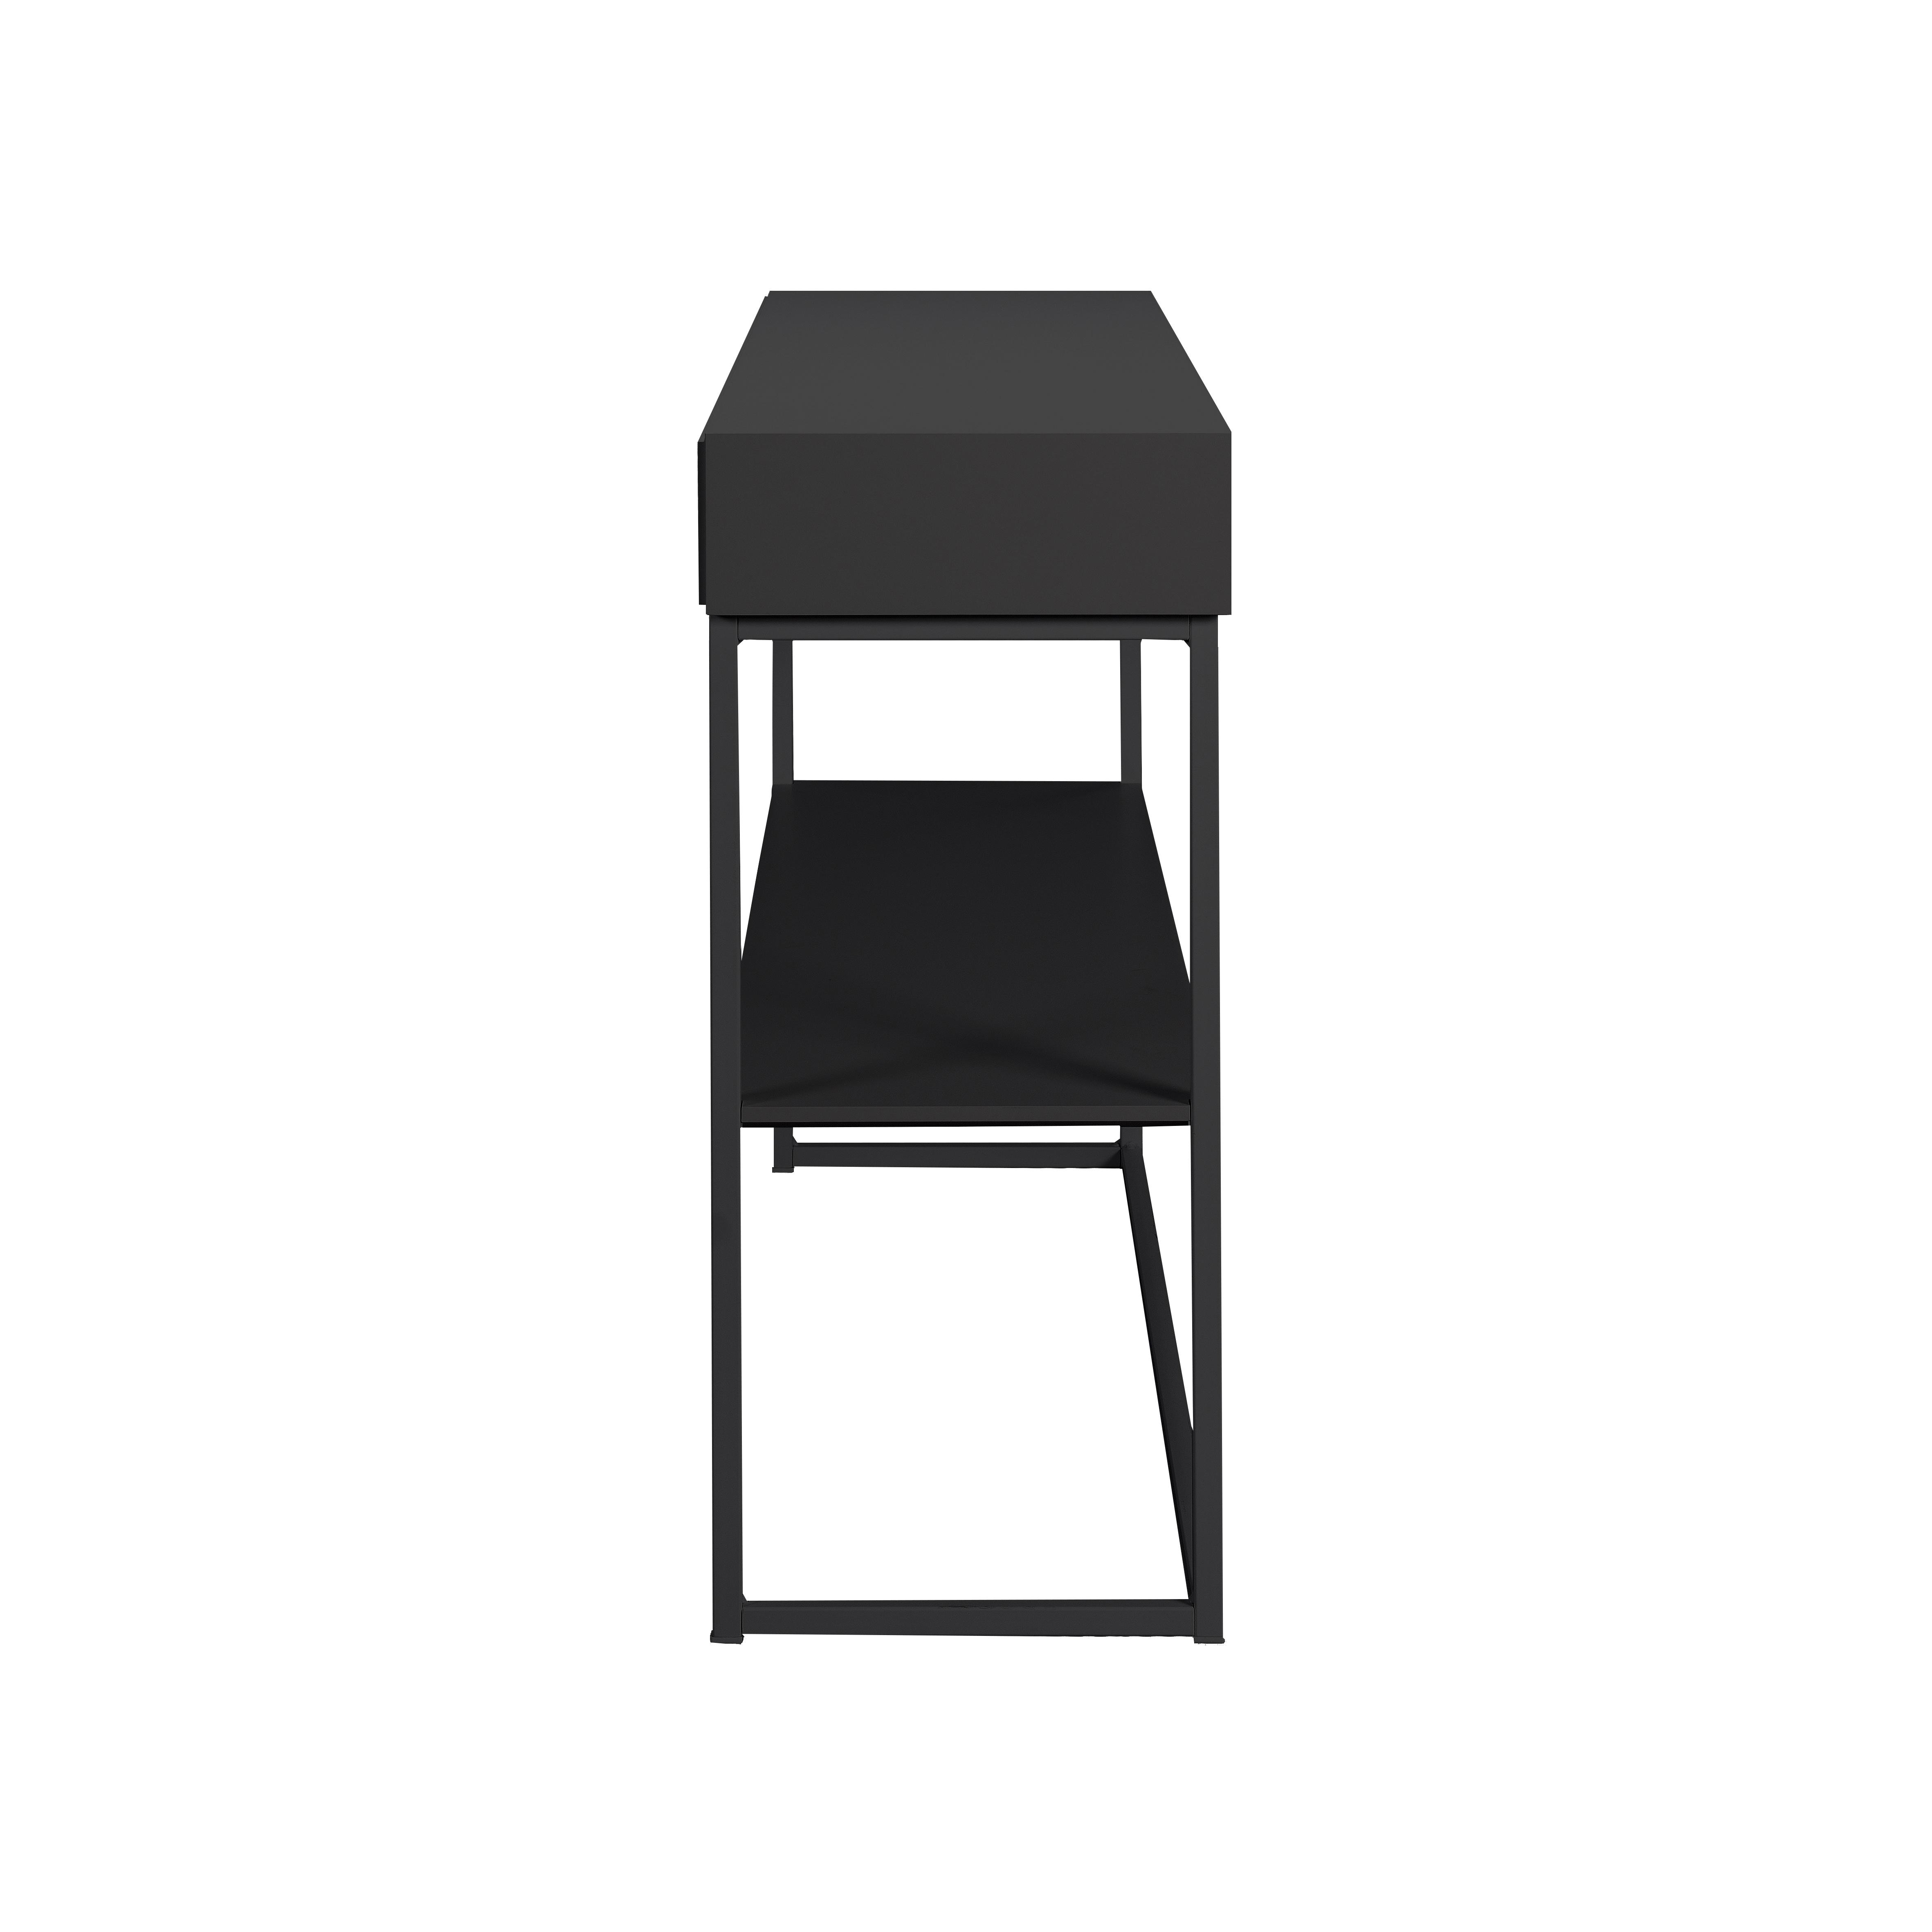 Cube avlastningsbord Black från sidan - englesson.se